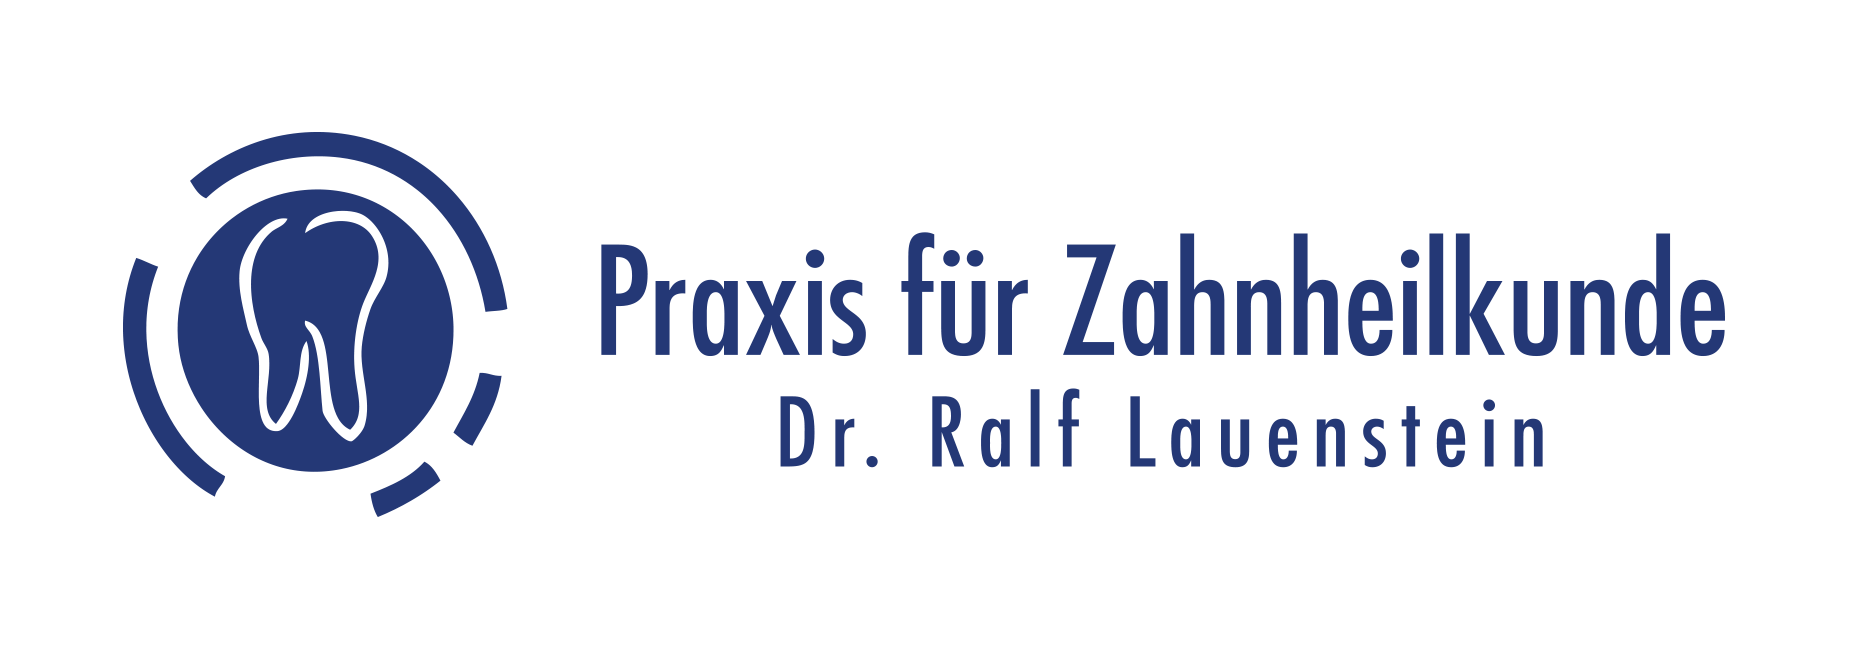 Zahnarztpraxis Bremen - Zahnteam Dr. Ralf Lauenstein - Ihr Zahnarzt